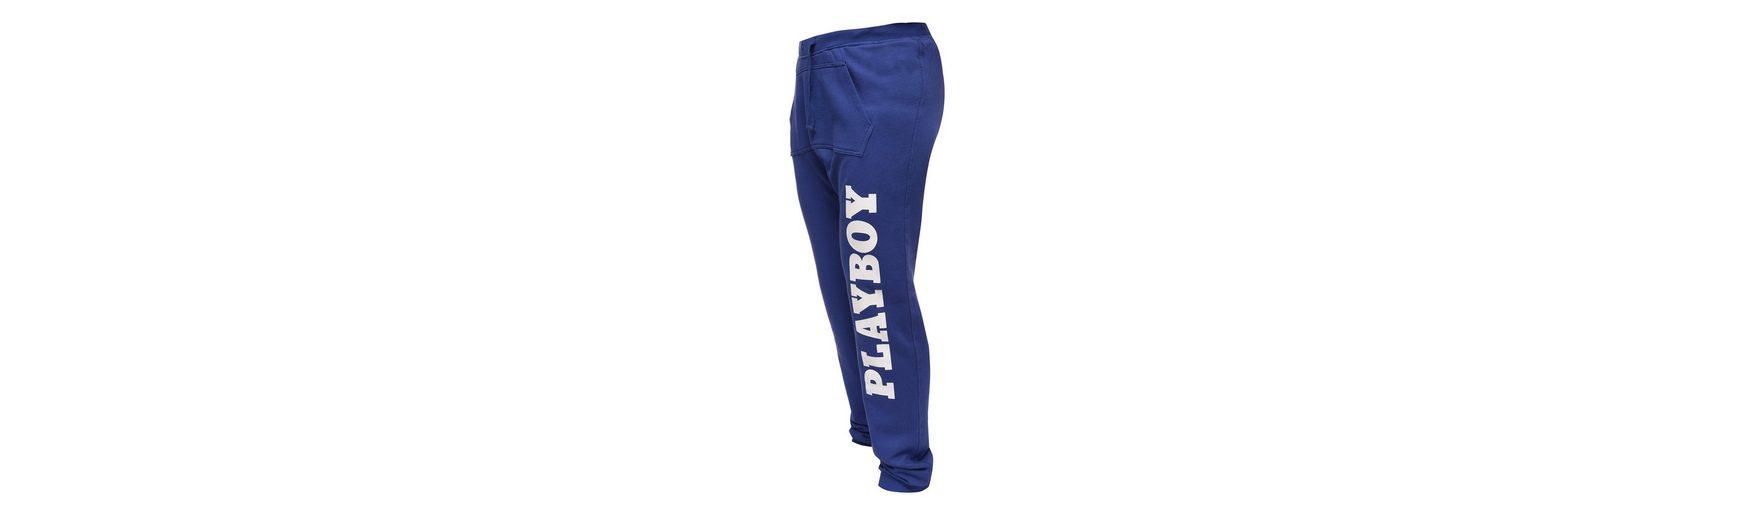 Playboy Stoffhose mit coolem Druck Billig Verkauf Komfortabel Große Diskont Verkauf Online TvfkTU